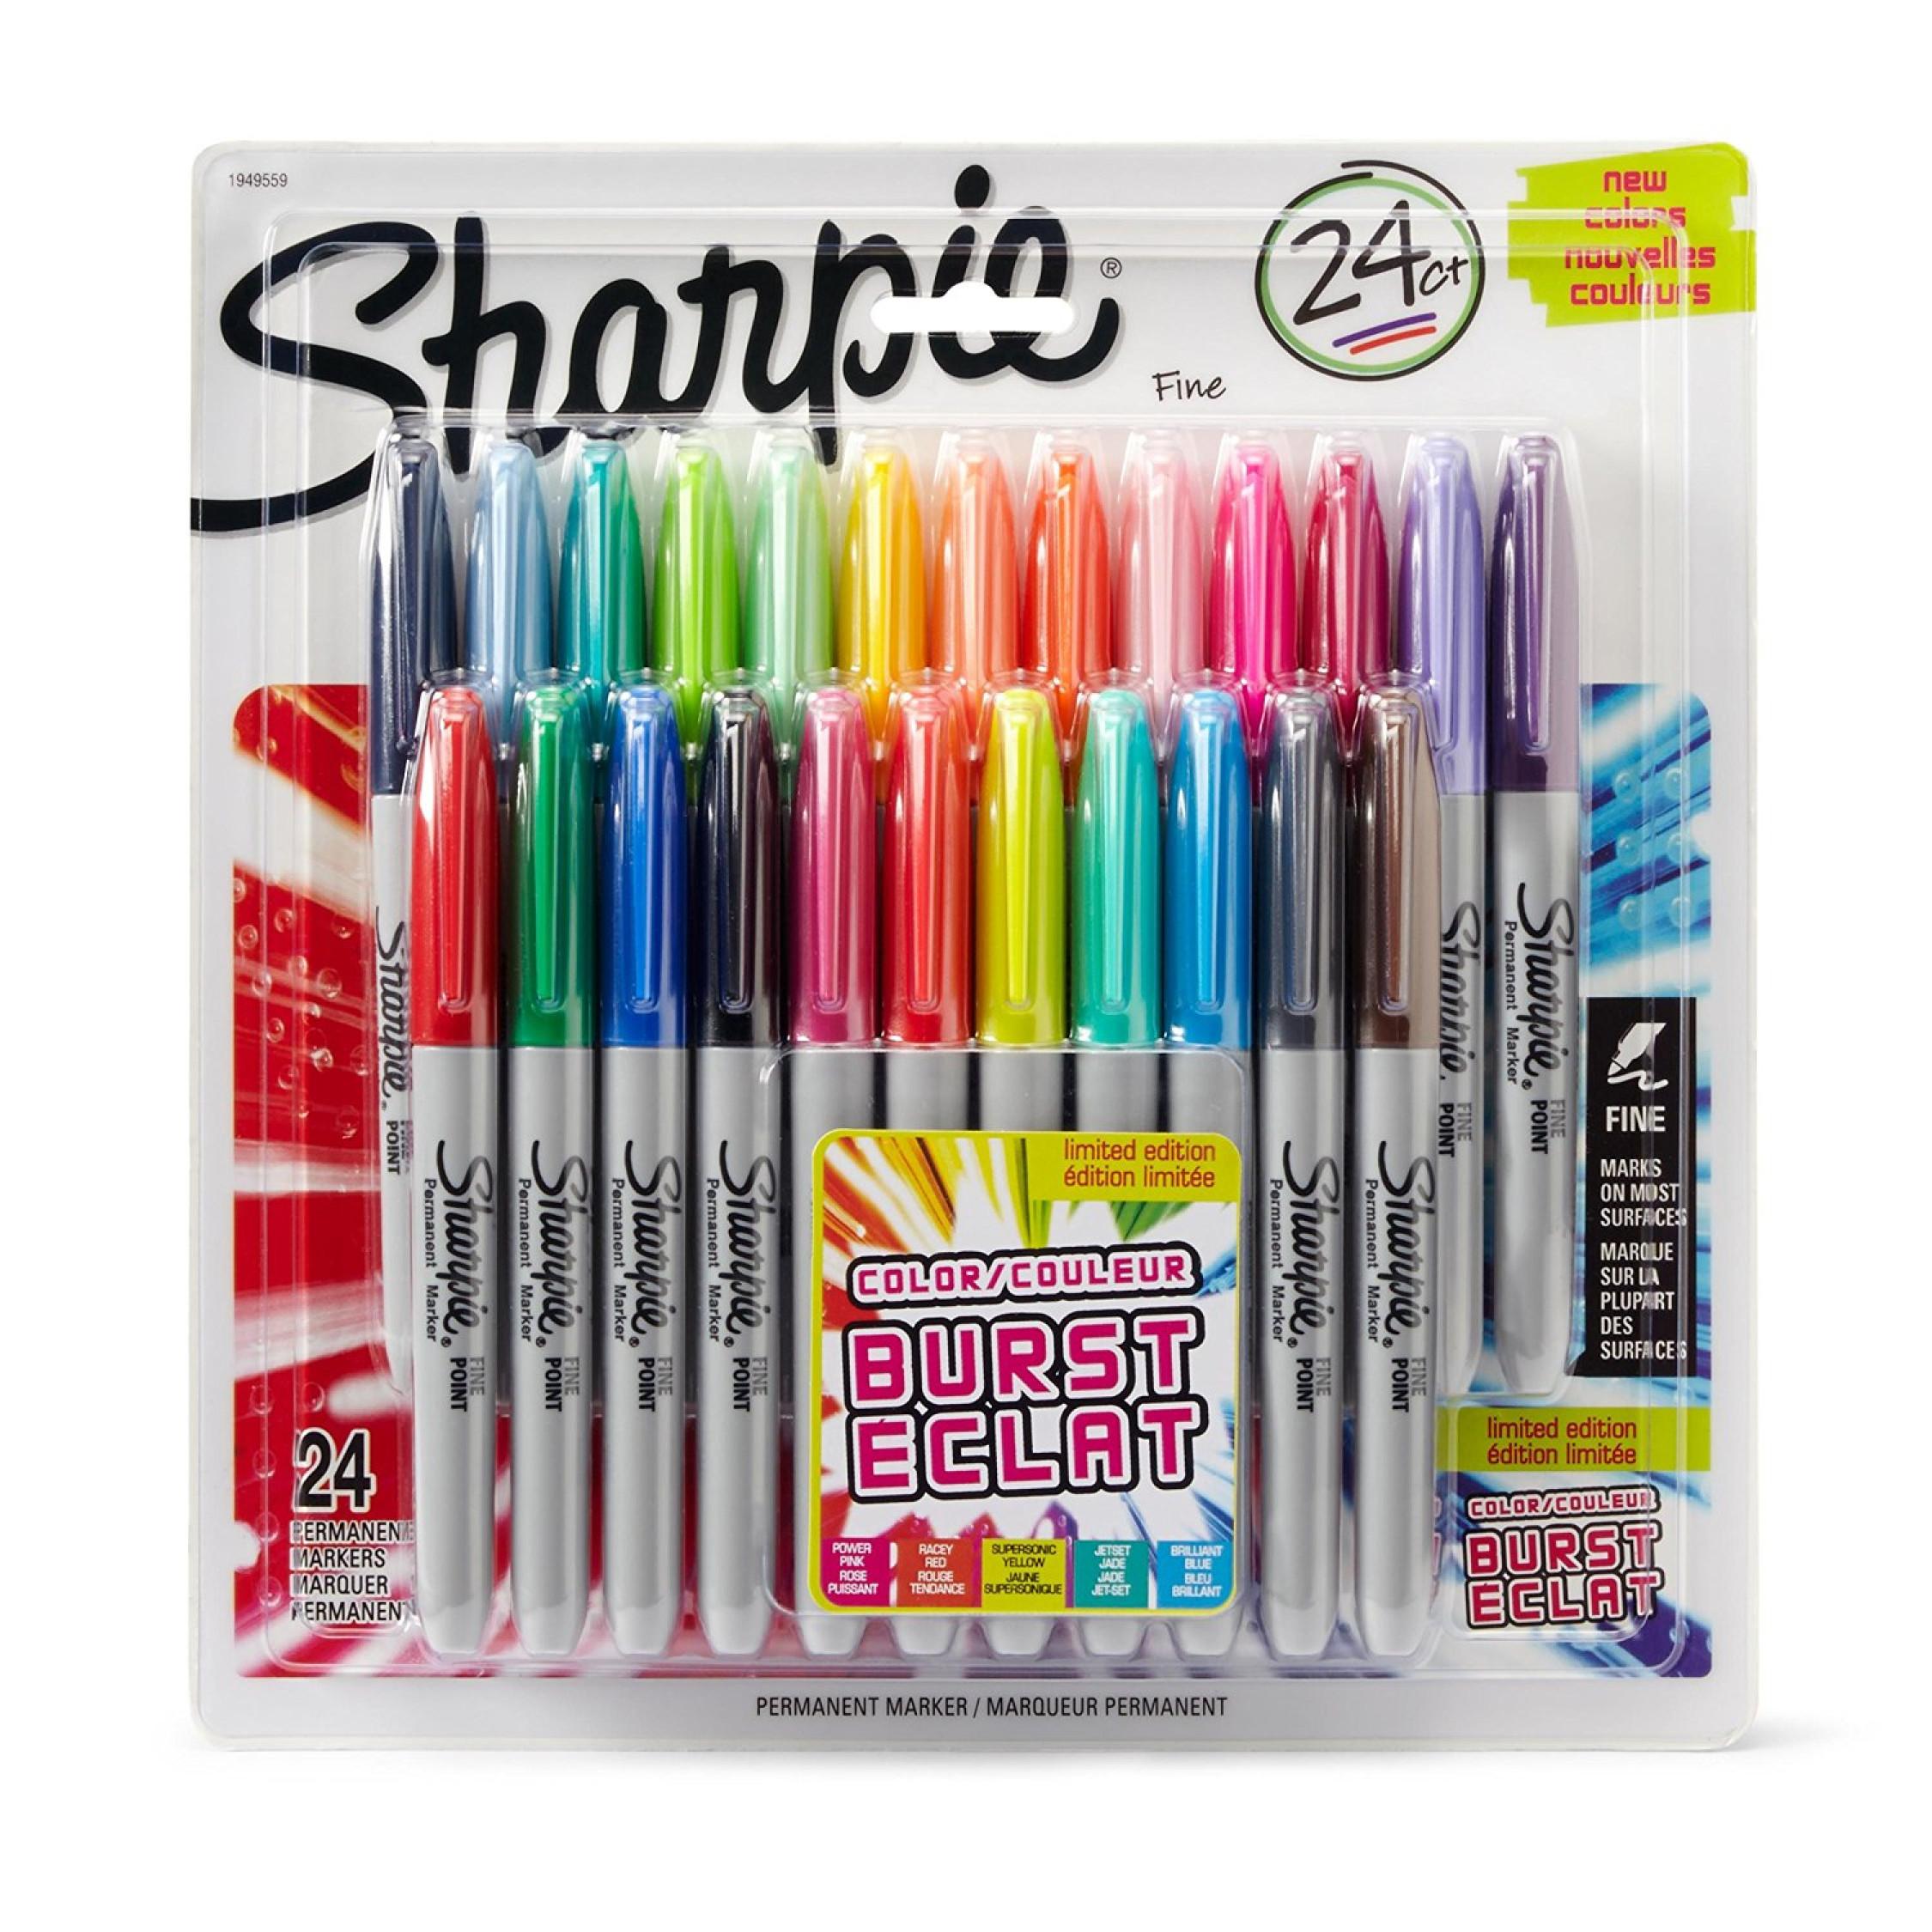 fine point permanent burst markers set assorted colors art pen 24 pack pens 616161098956 ebay. Black Bedroom Furniture Sets. Home Design Ideas